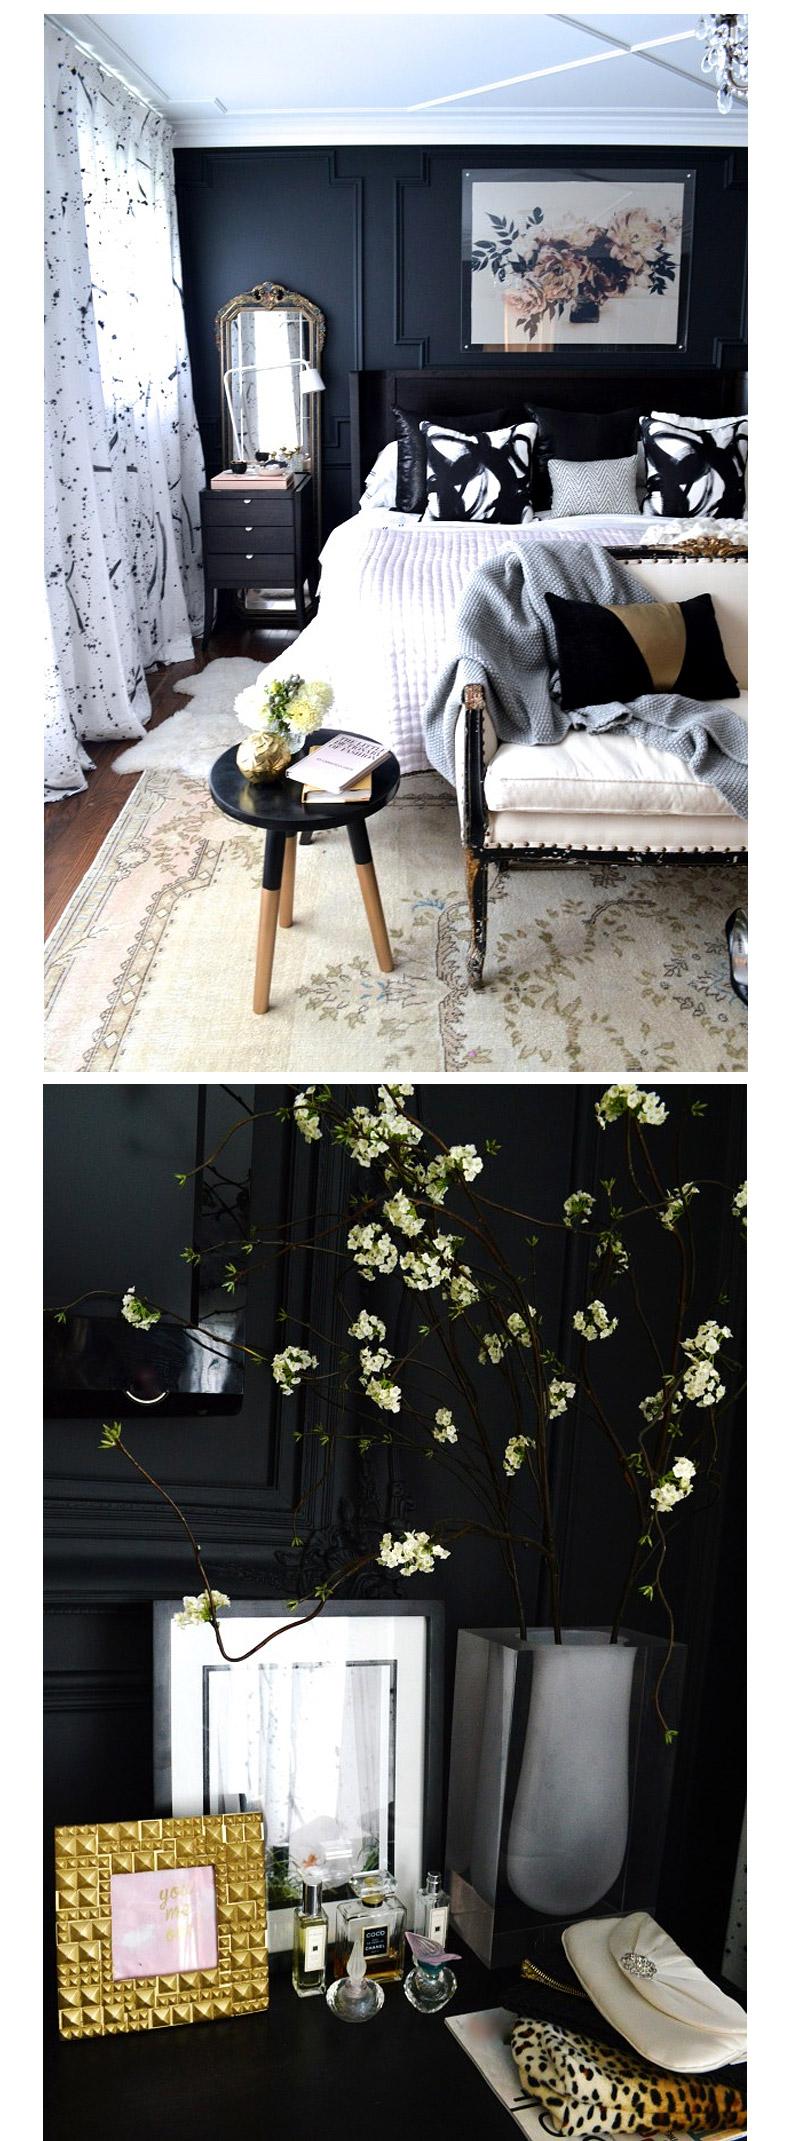 living-gazette-barbara-resende-decor-quarto-classico-preto-branco-bijou-boheme-detalhes